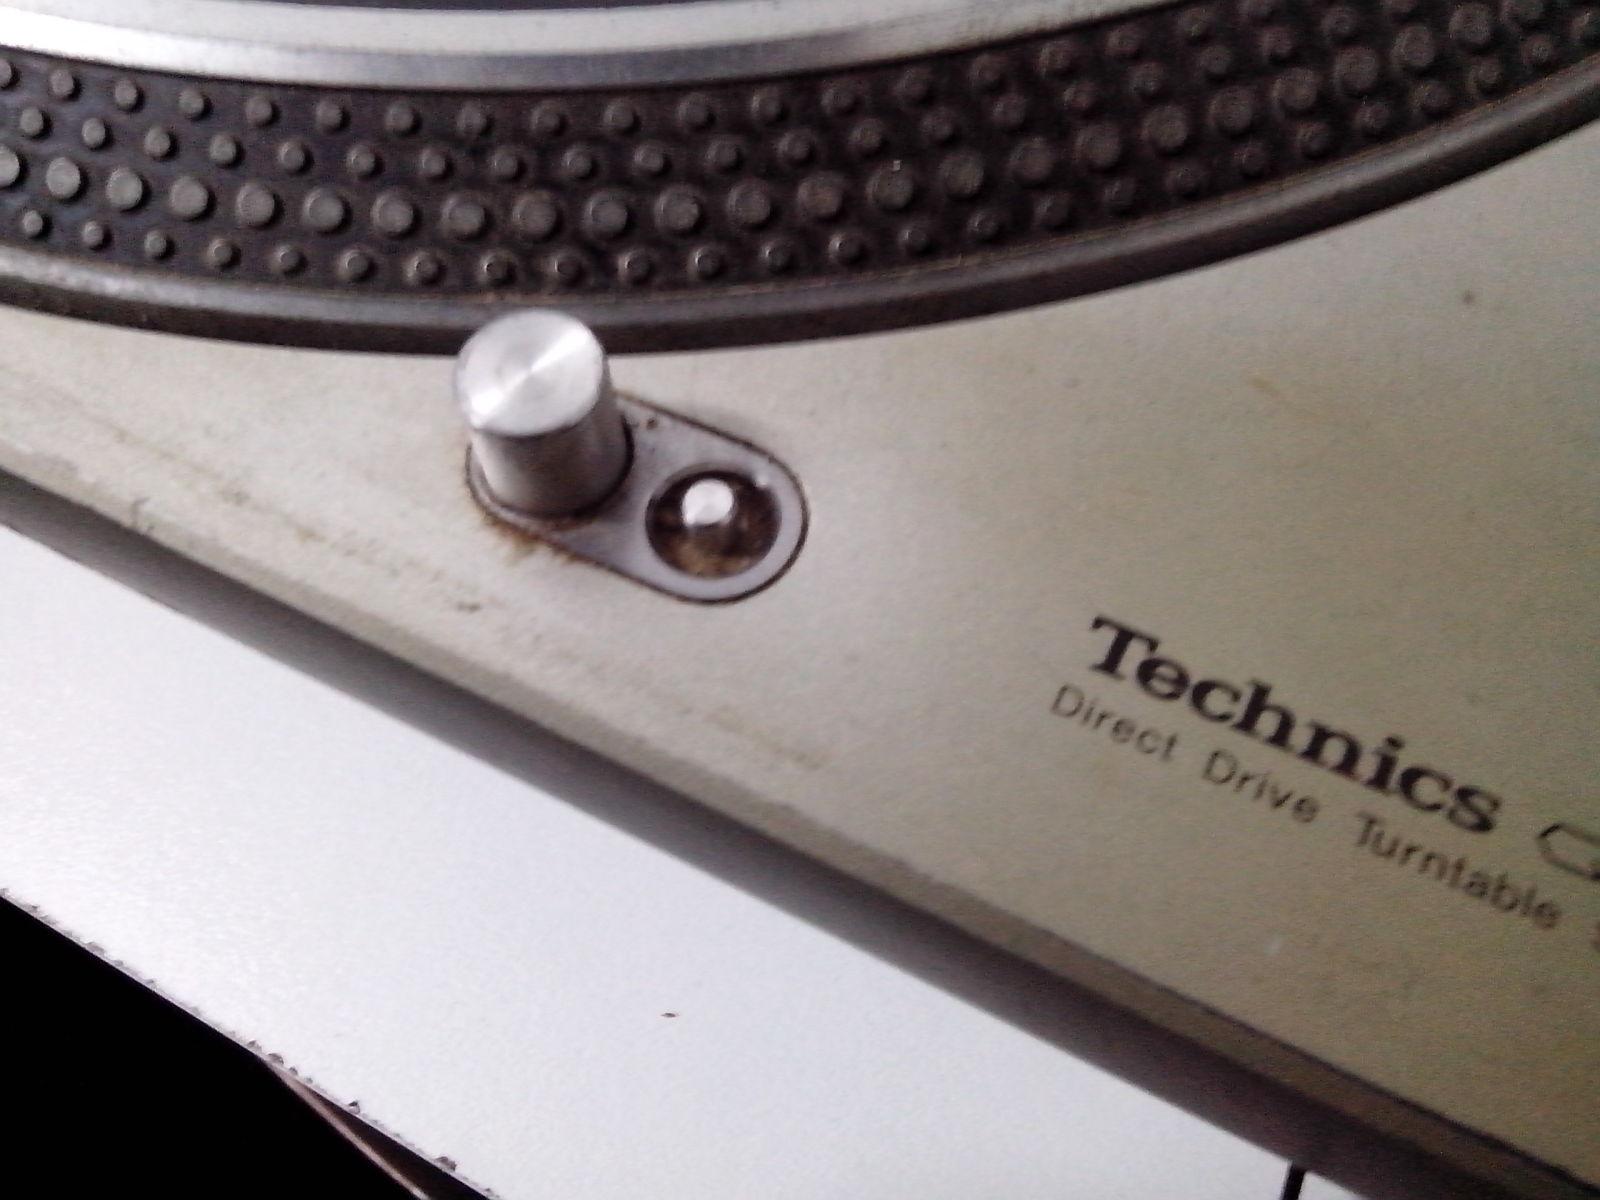 Restauración y mejora de un Technics SL1200 Dms7sy